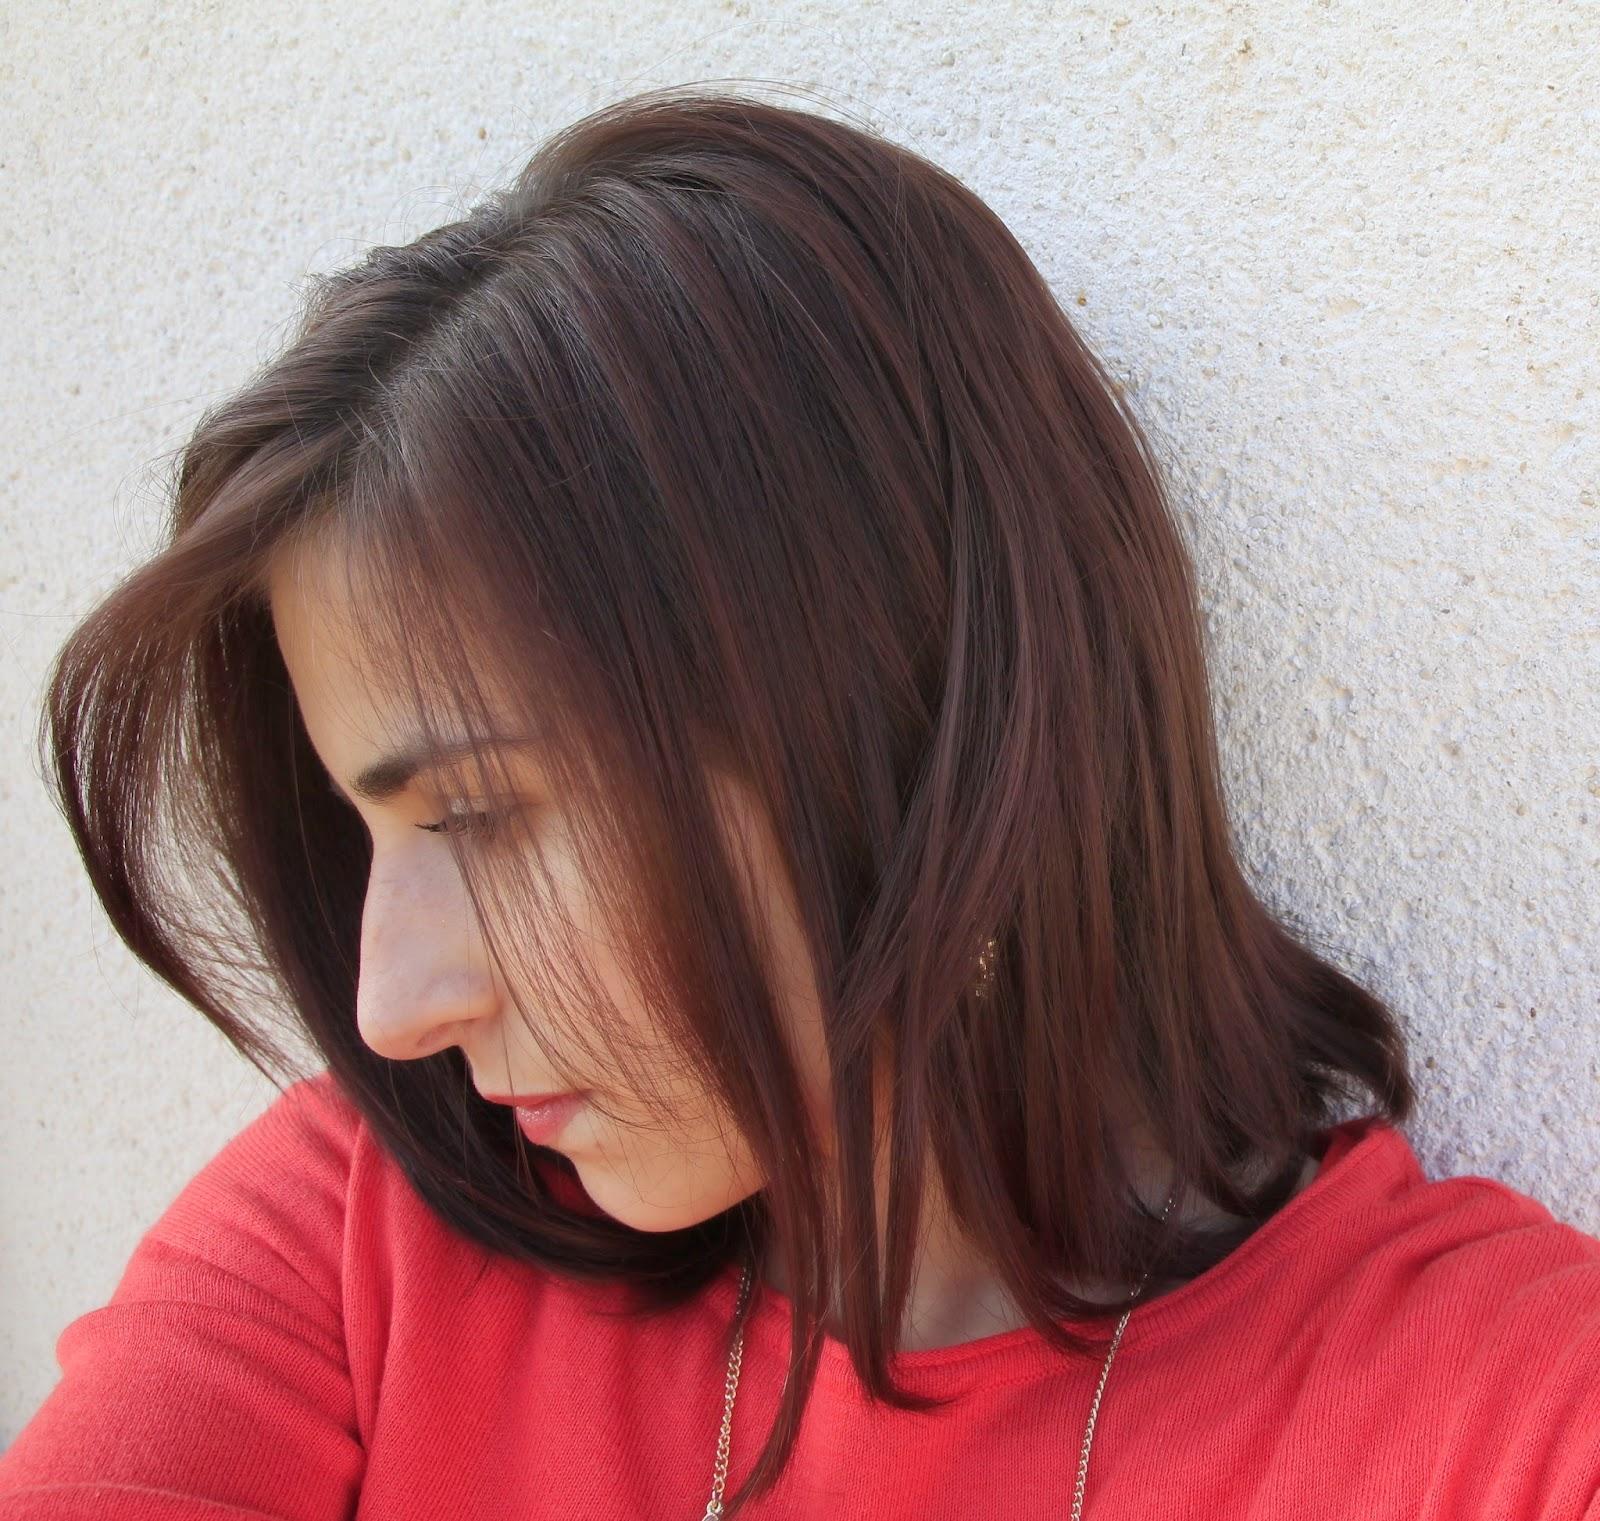 voil ma couleur de cheveux aprs le soin coloration de logona couleur chataigne et voil en dessous une photos qui date de dbut fvrier - Coloration Logona Chataigne